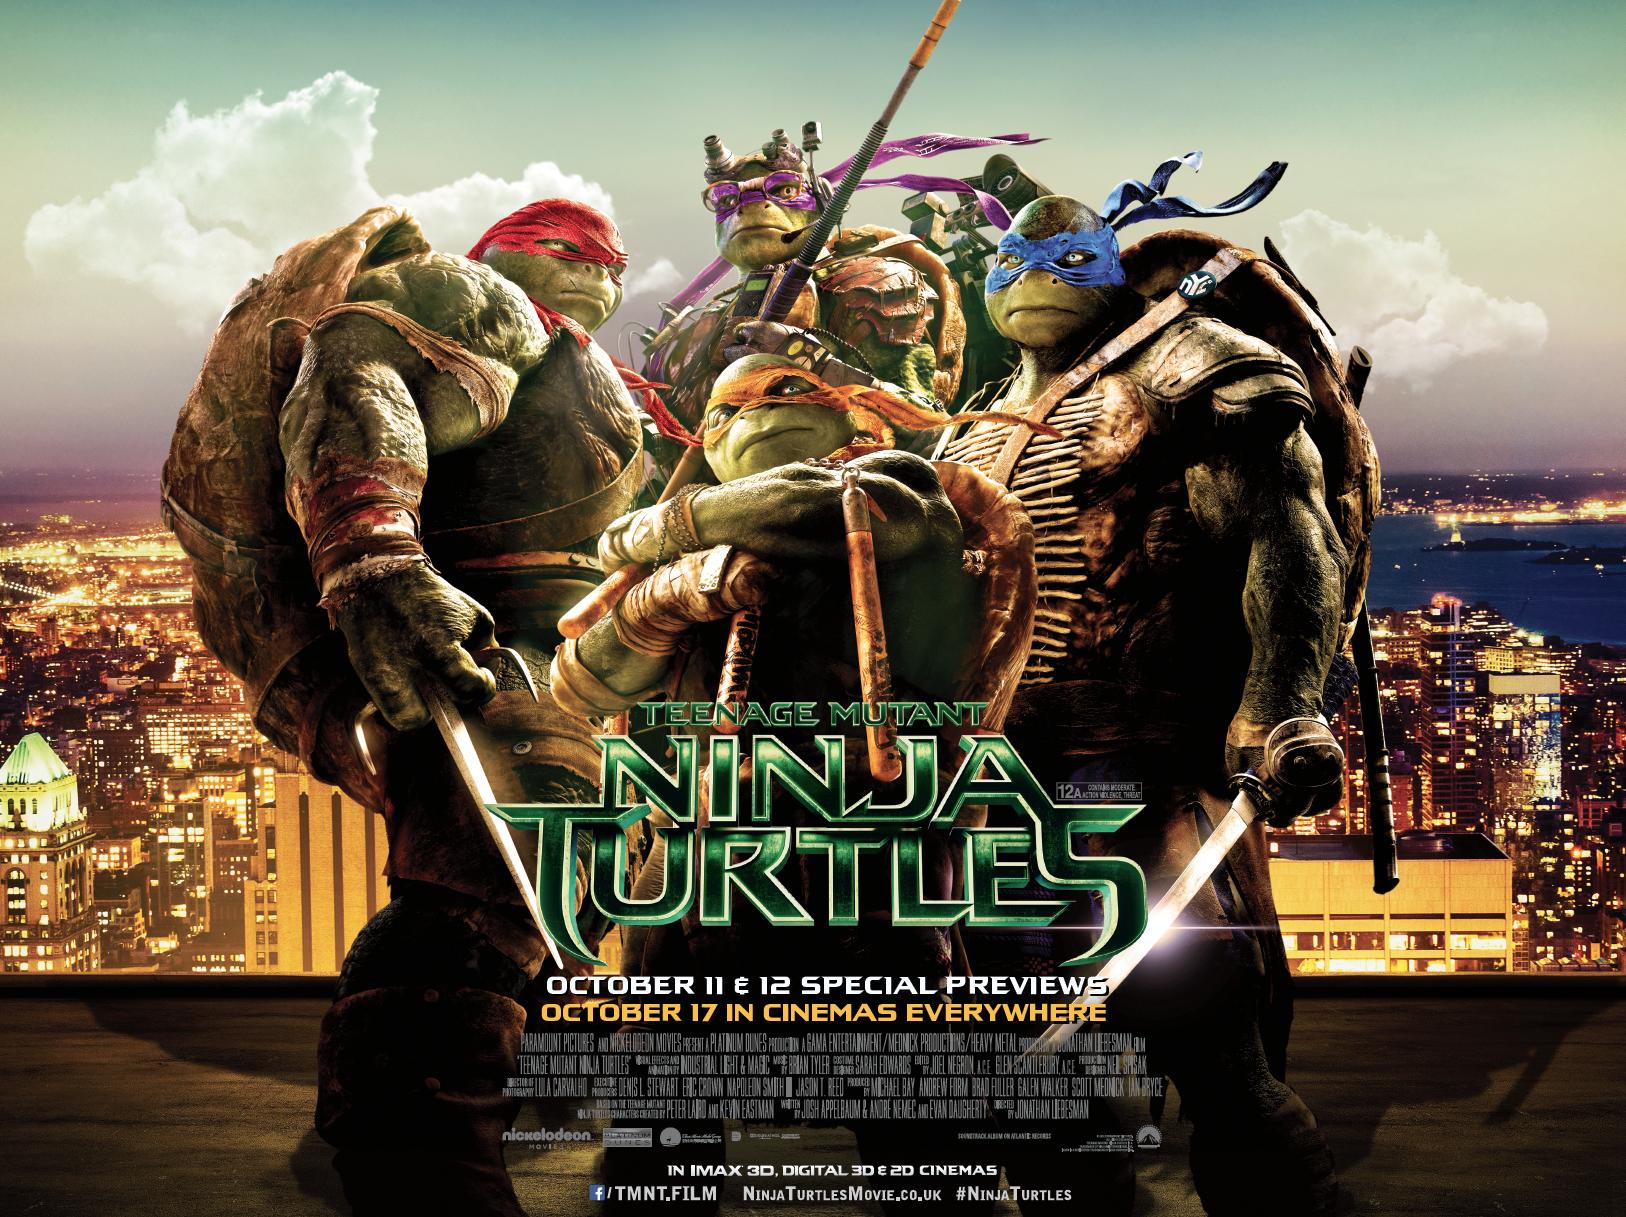 Teenage Mutant Ninja Turtles 2014 Film Criticallyrated